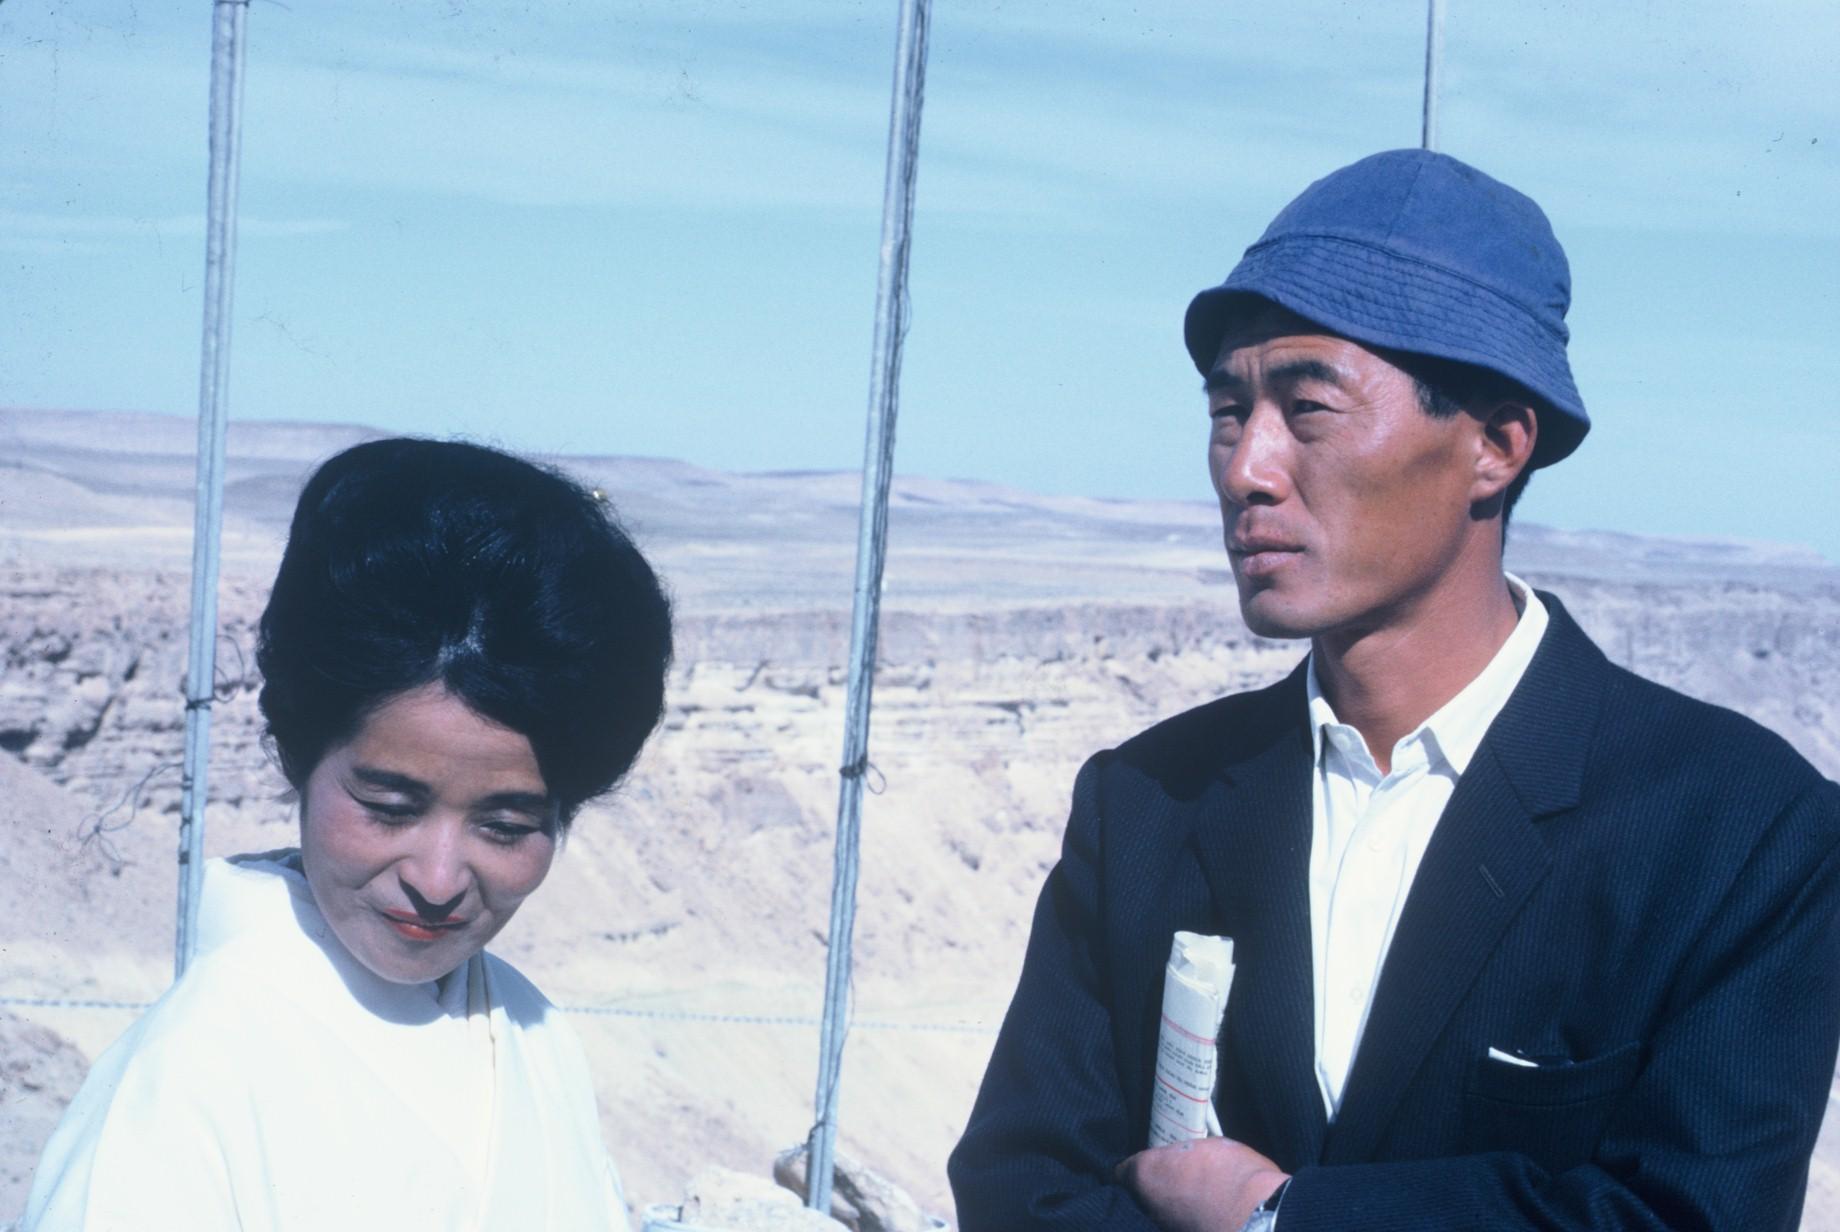 יסואו וקיוקו מיזוי   צילום: אורי וולטש